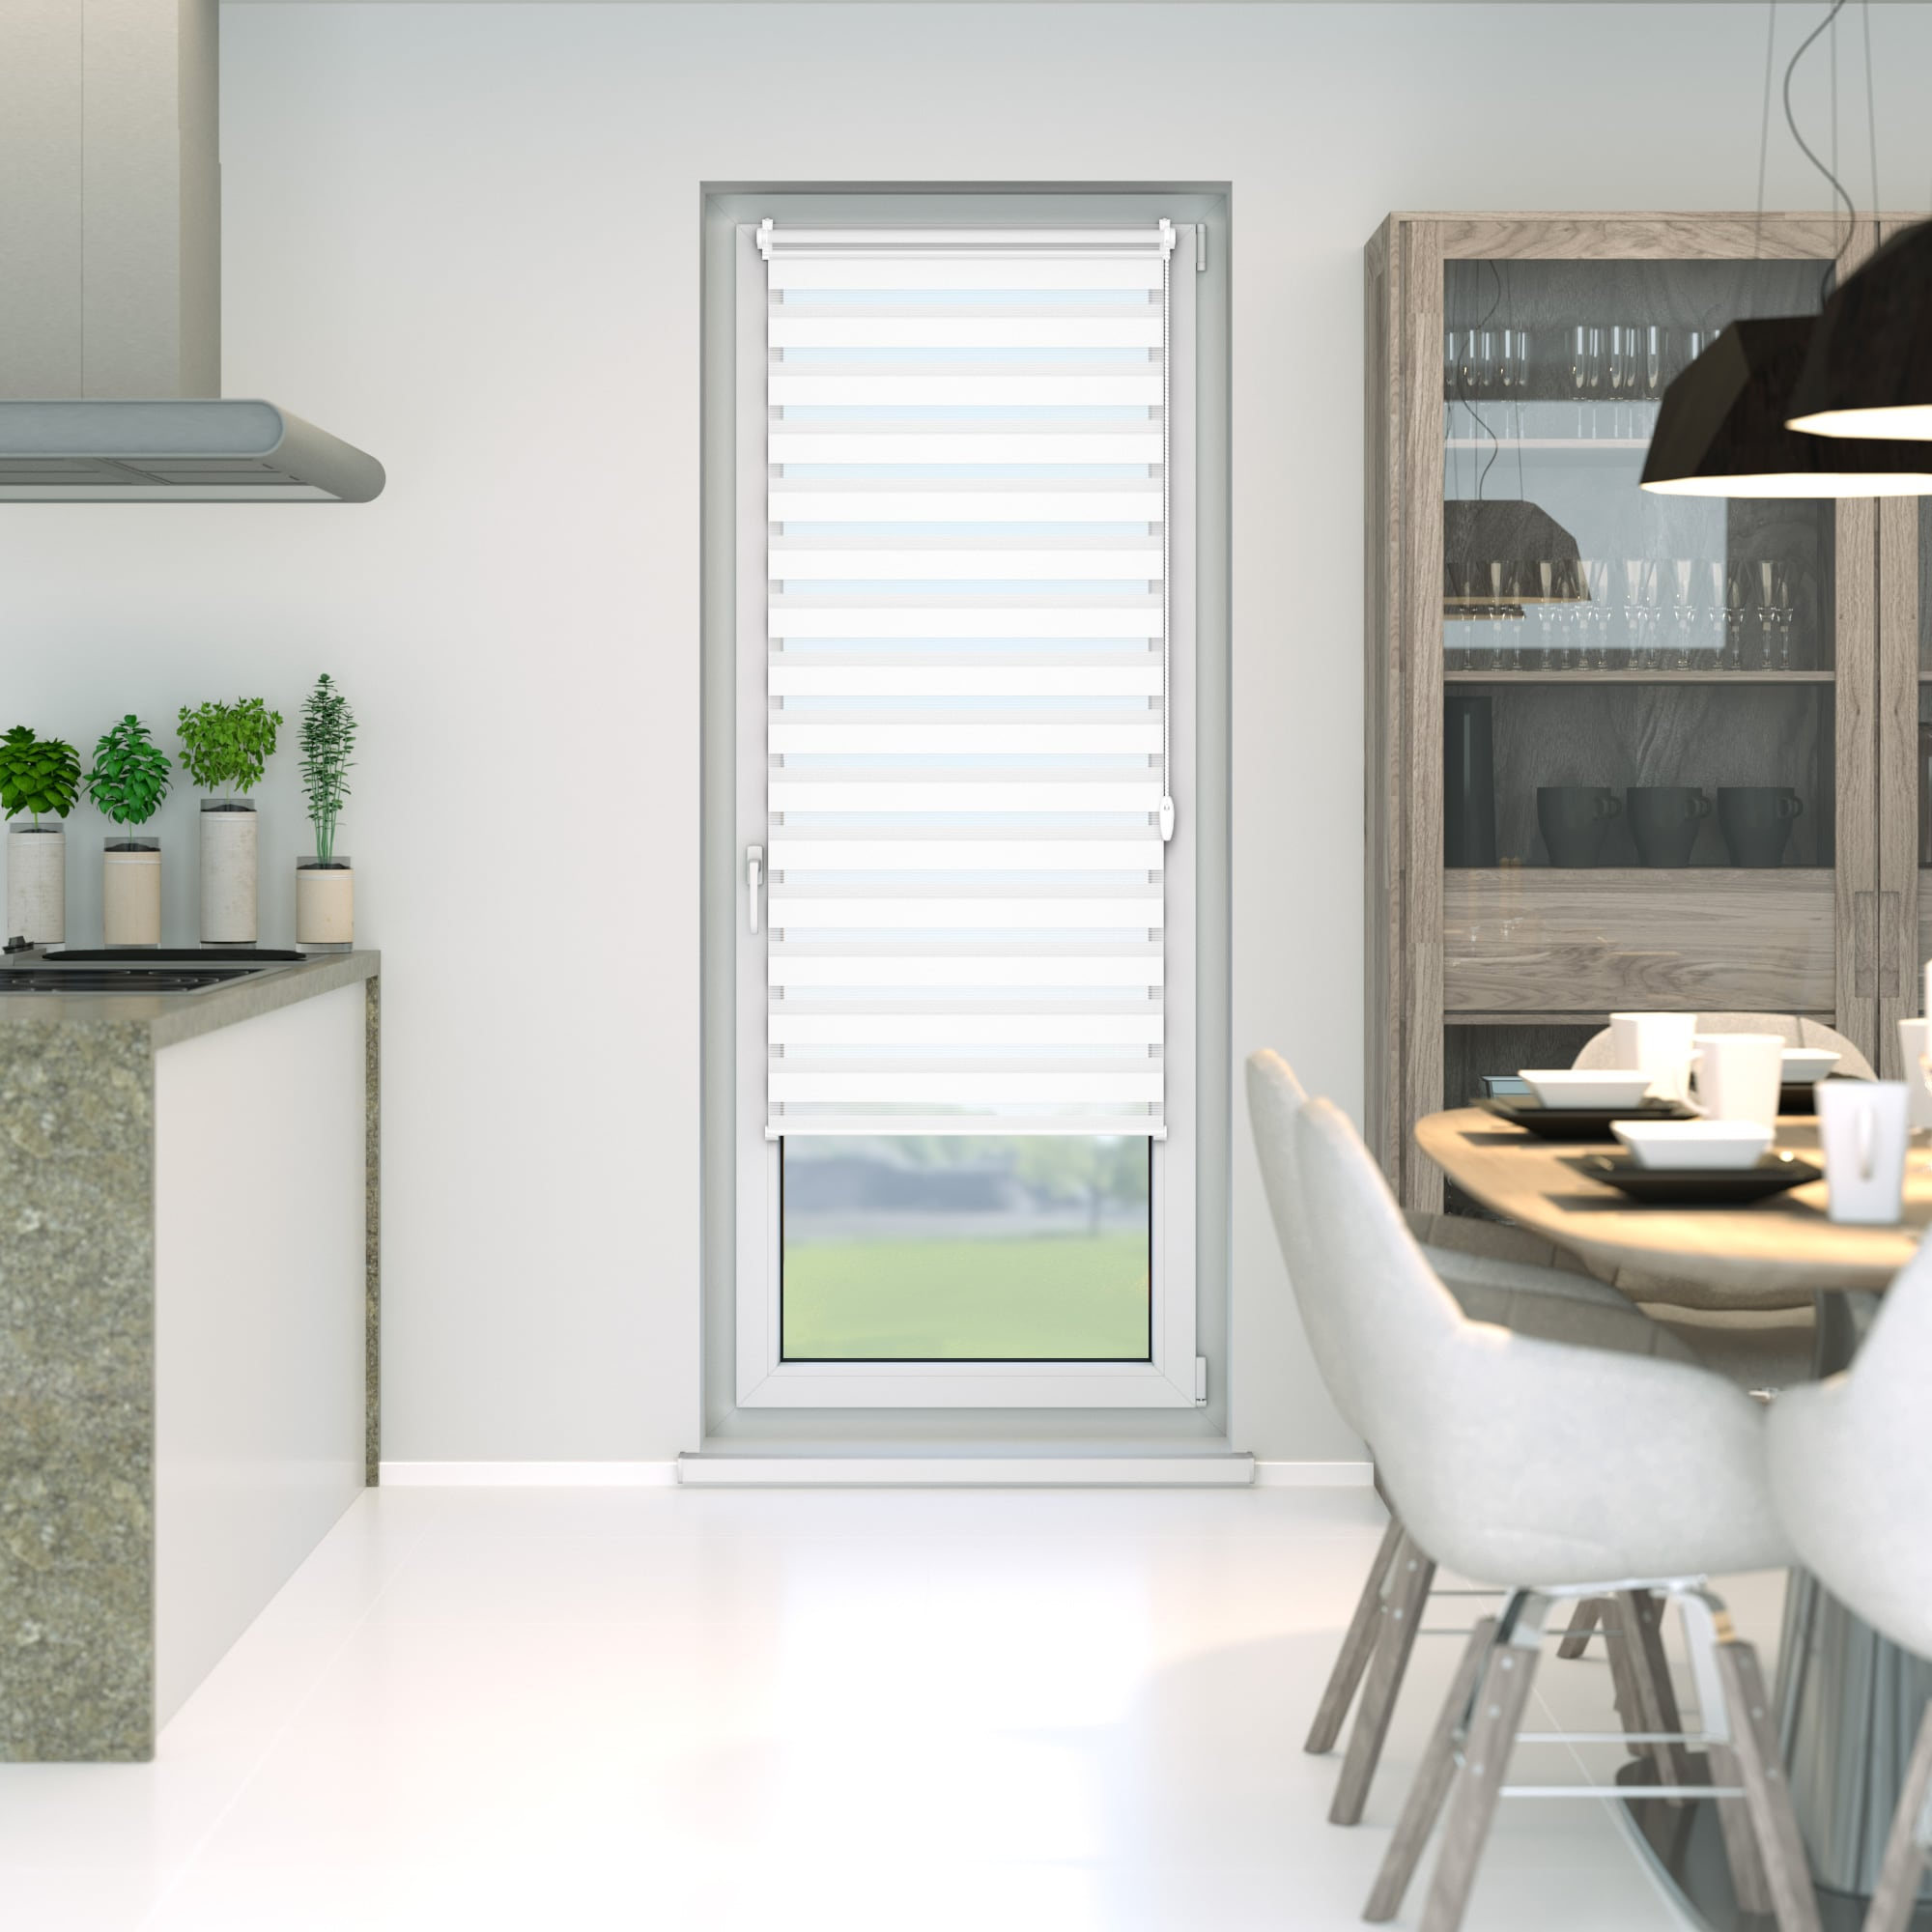 store enrouleur double stores jour nuit fen tre porte. Black Bedroom Furniture Sets. Home Design Ideas